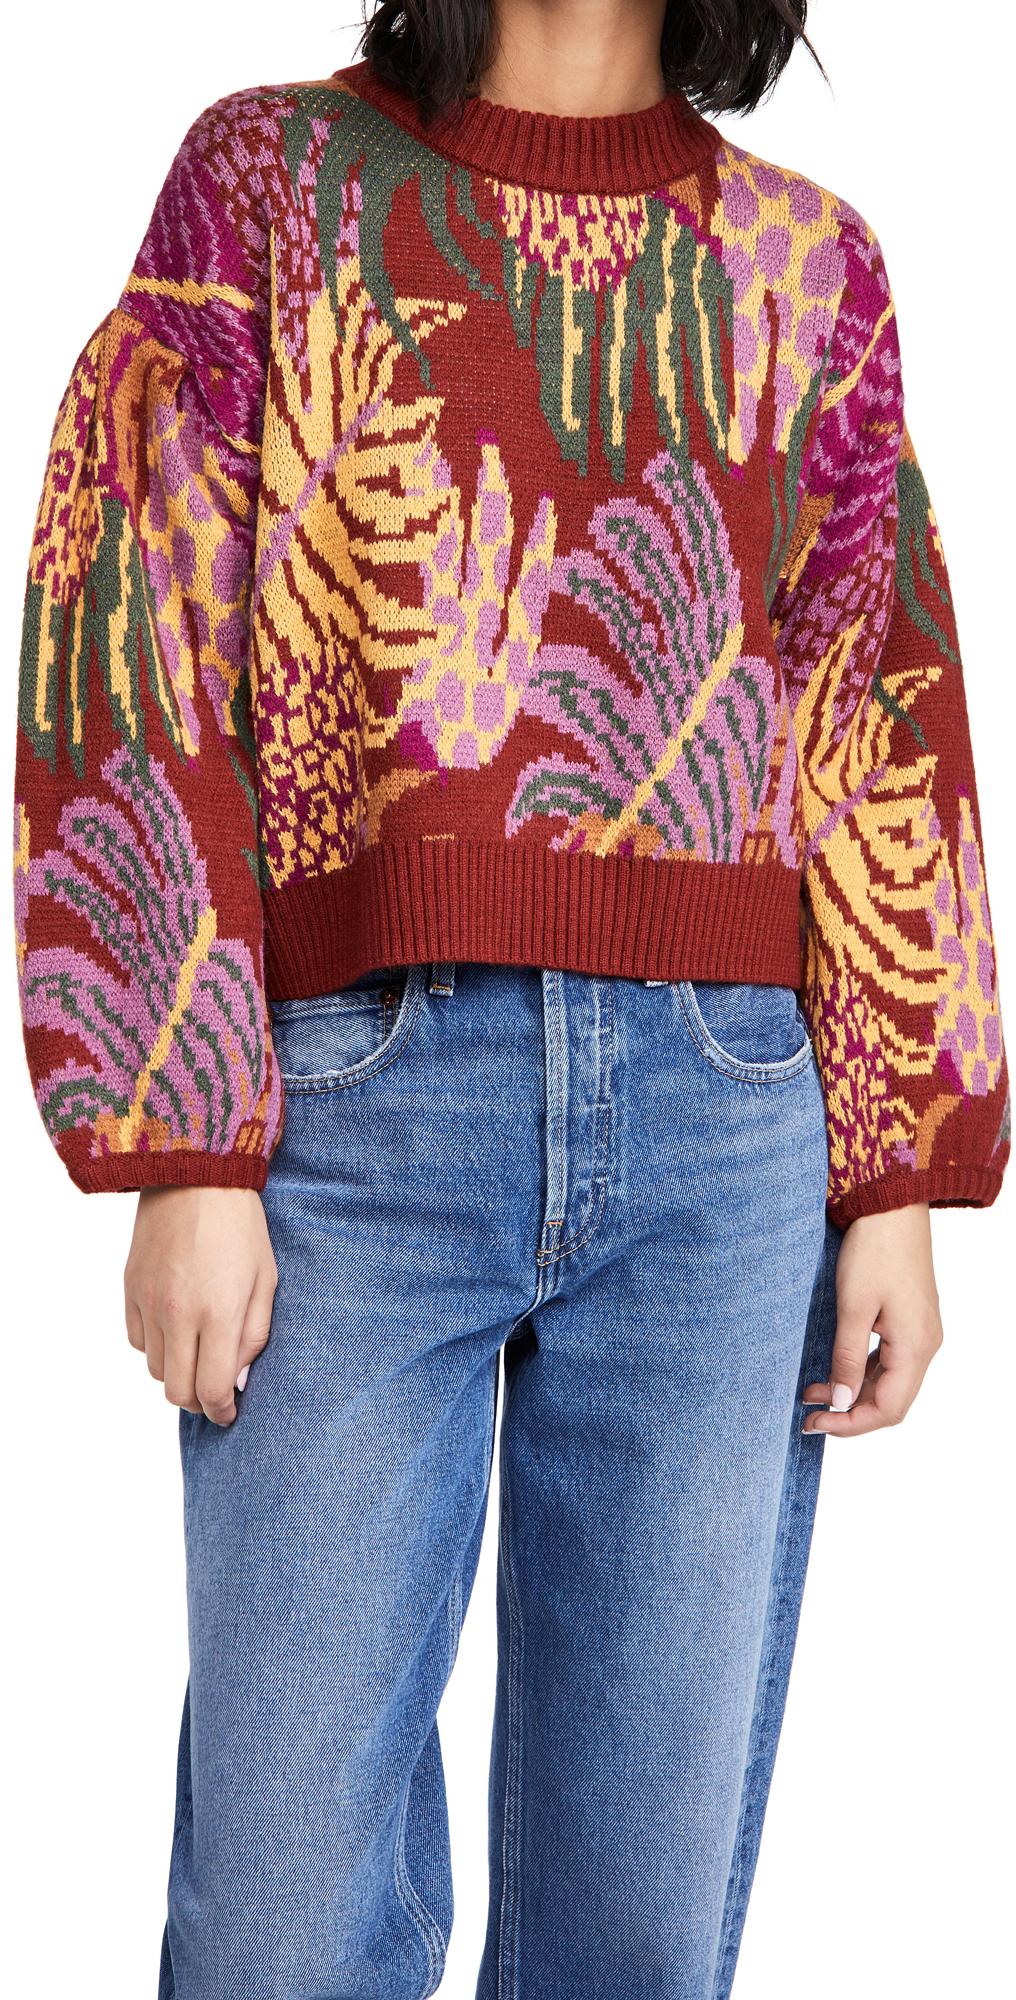 FARM Rio Graphic Jungle Sweater